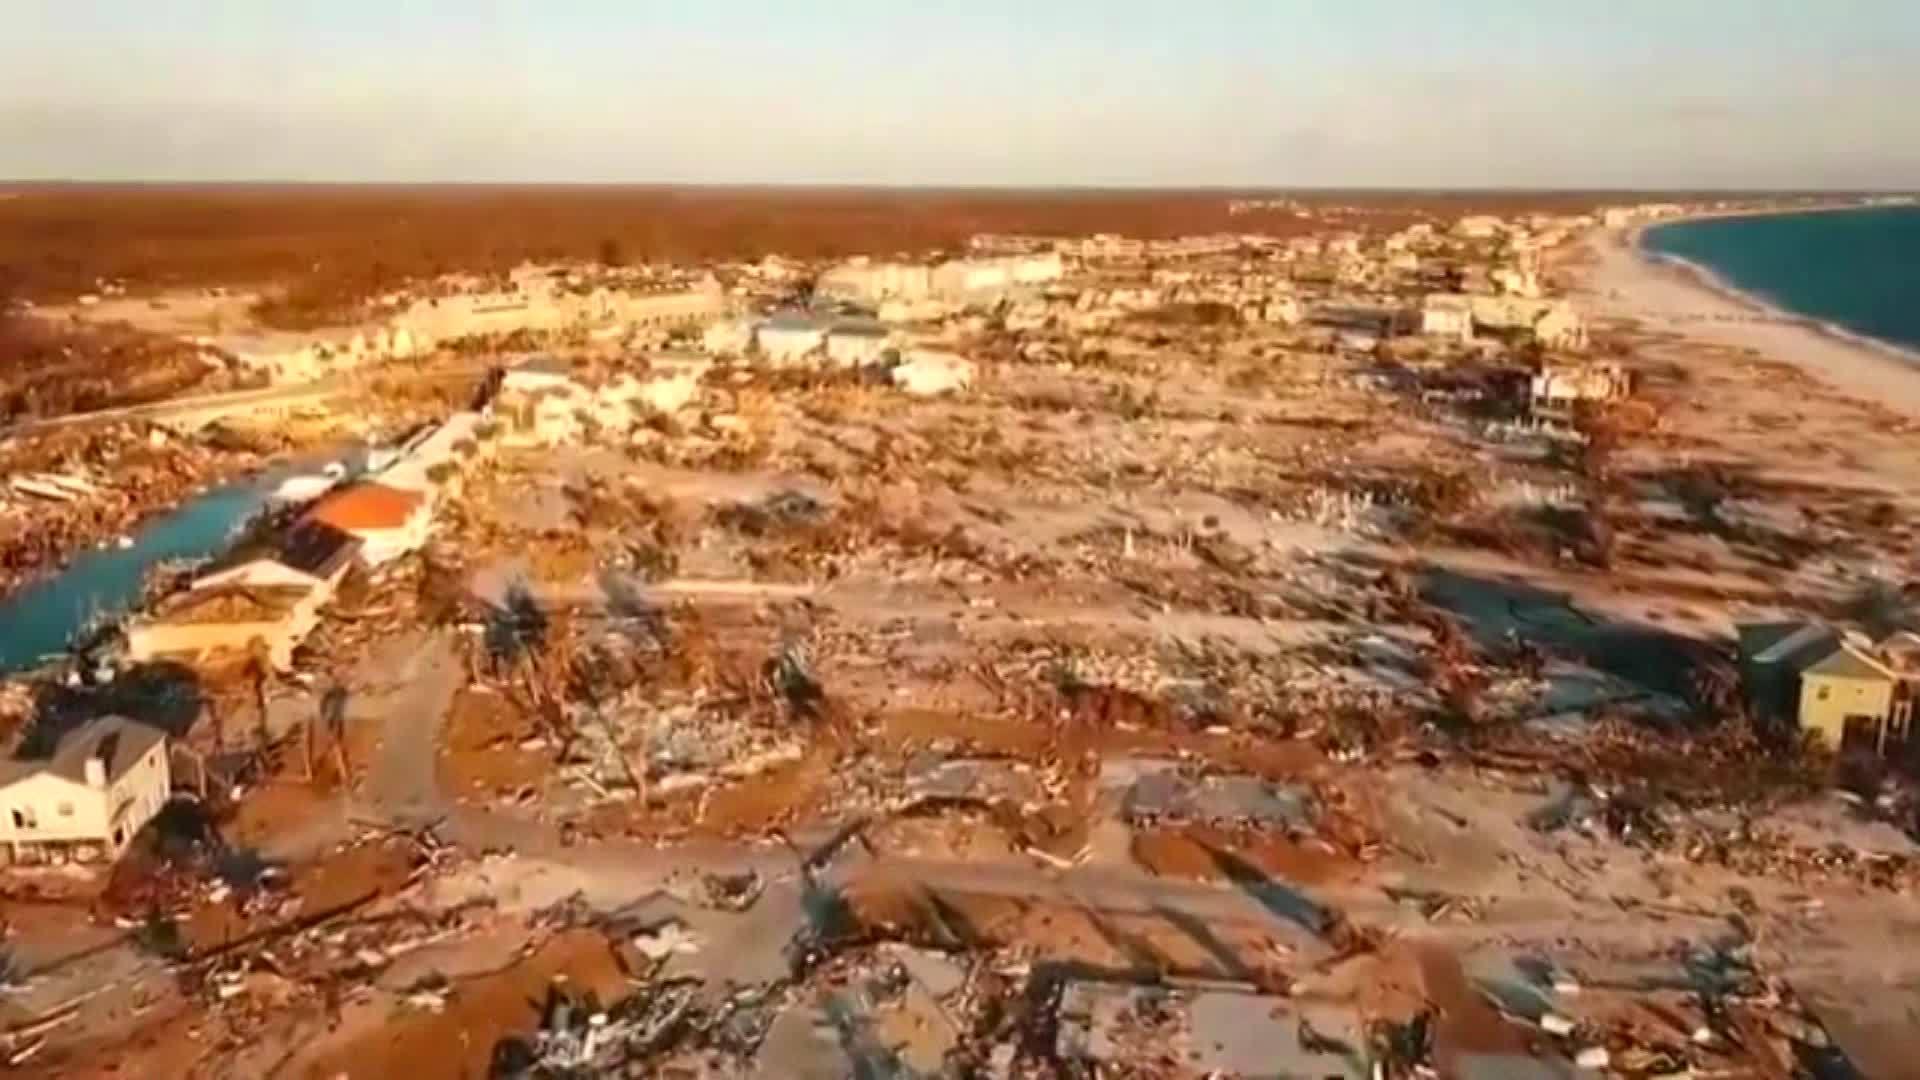 Drone Mexico Beach New Landscape